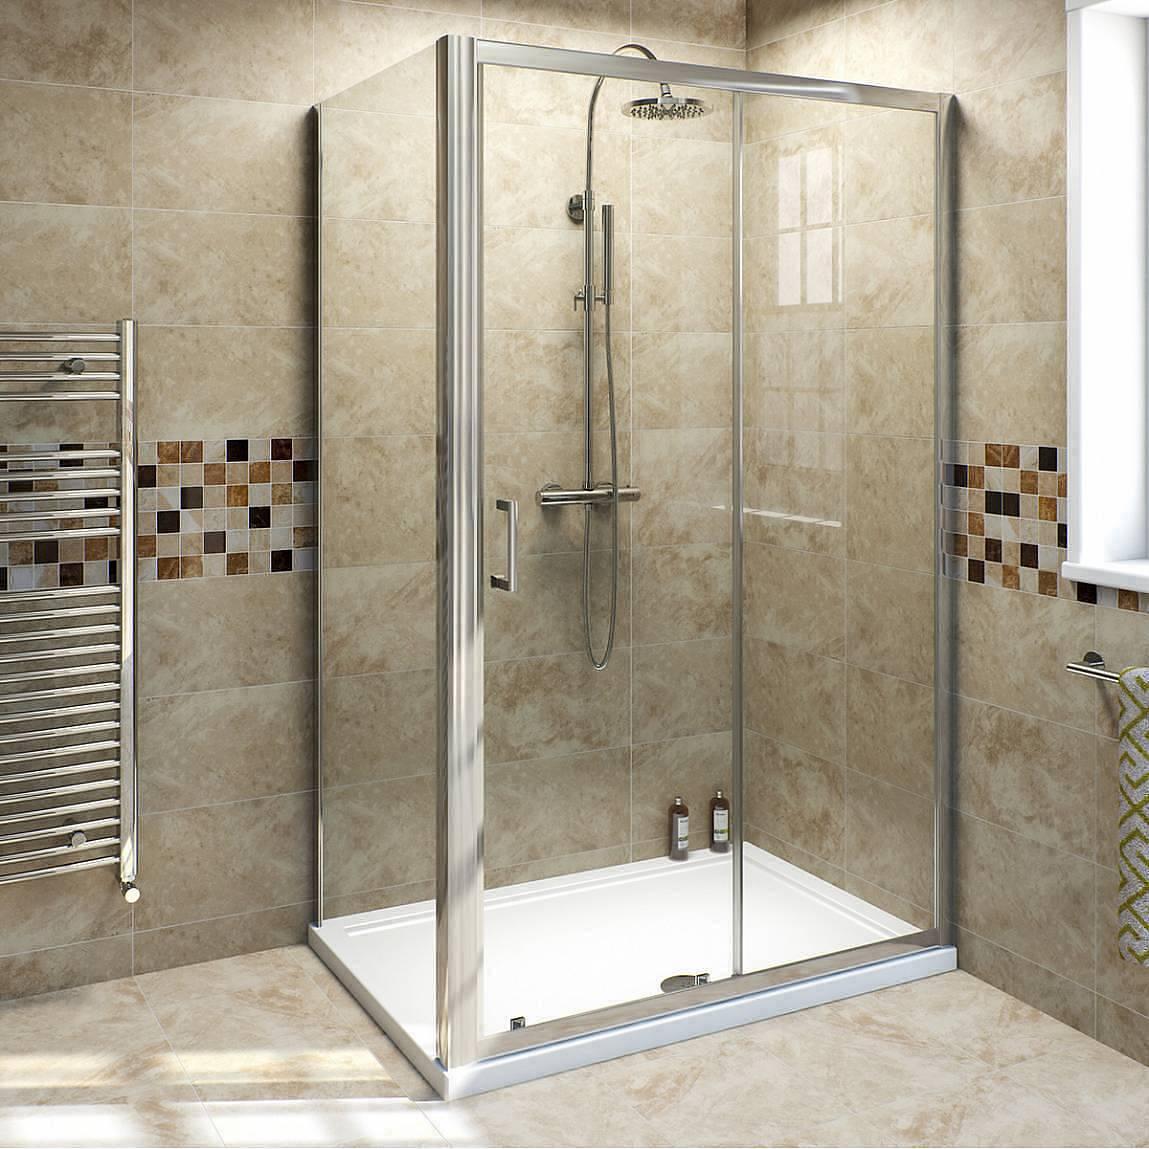 Image of V6 Sliding Shower Enclosure 1200 x 760